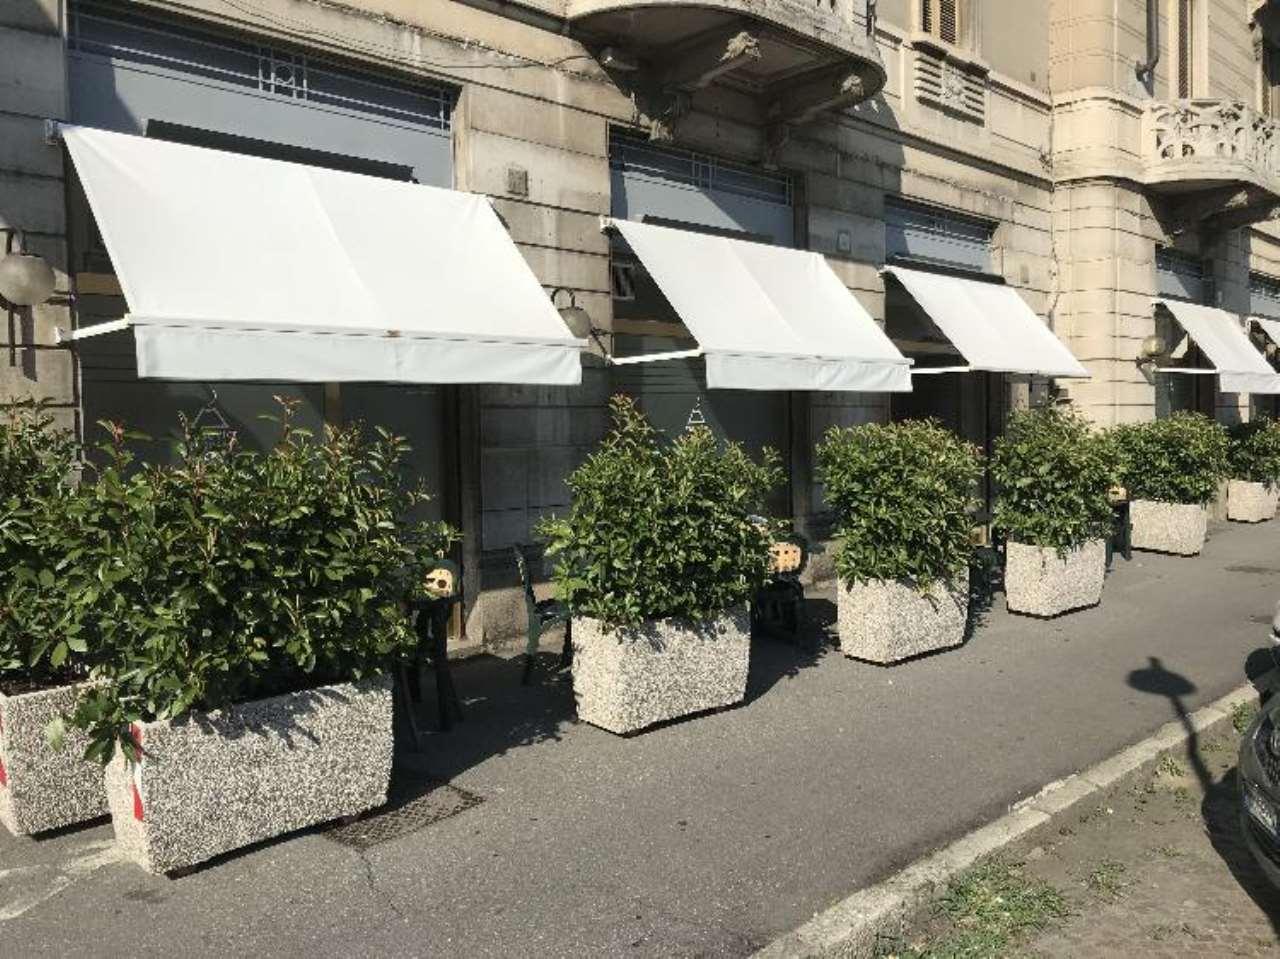 Ristorante / Pizzeria / Trattoria in vendita a Cremona, 5 locali, prezzo € 200.000 | CambioCasa.it